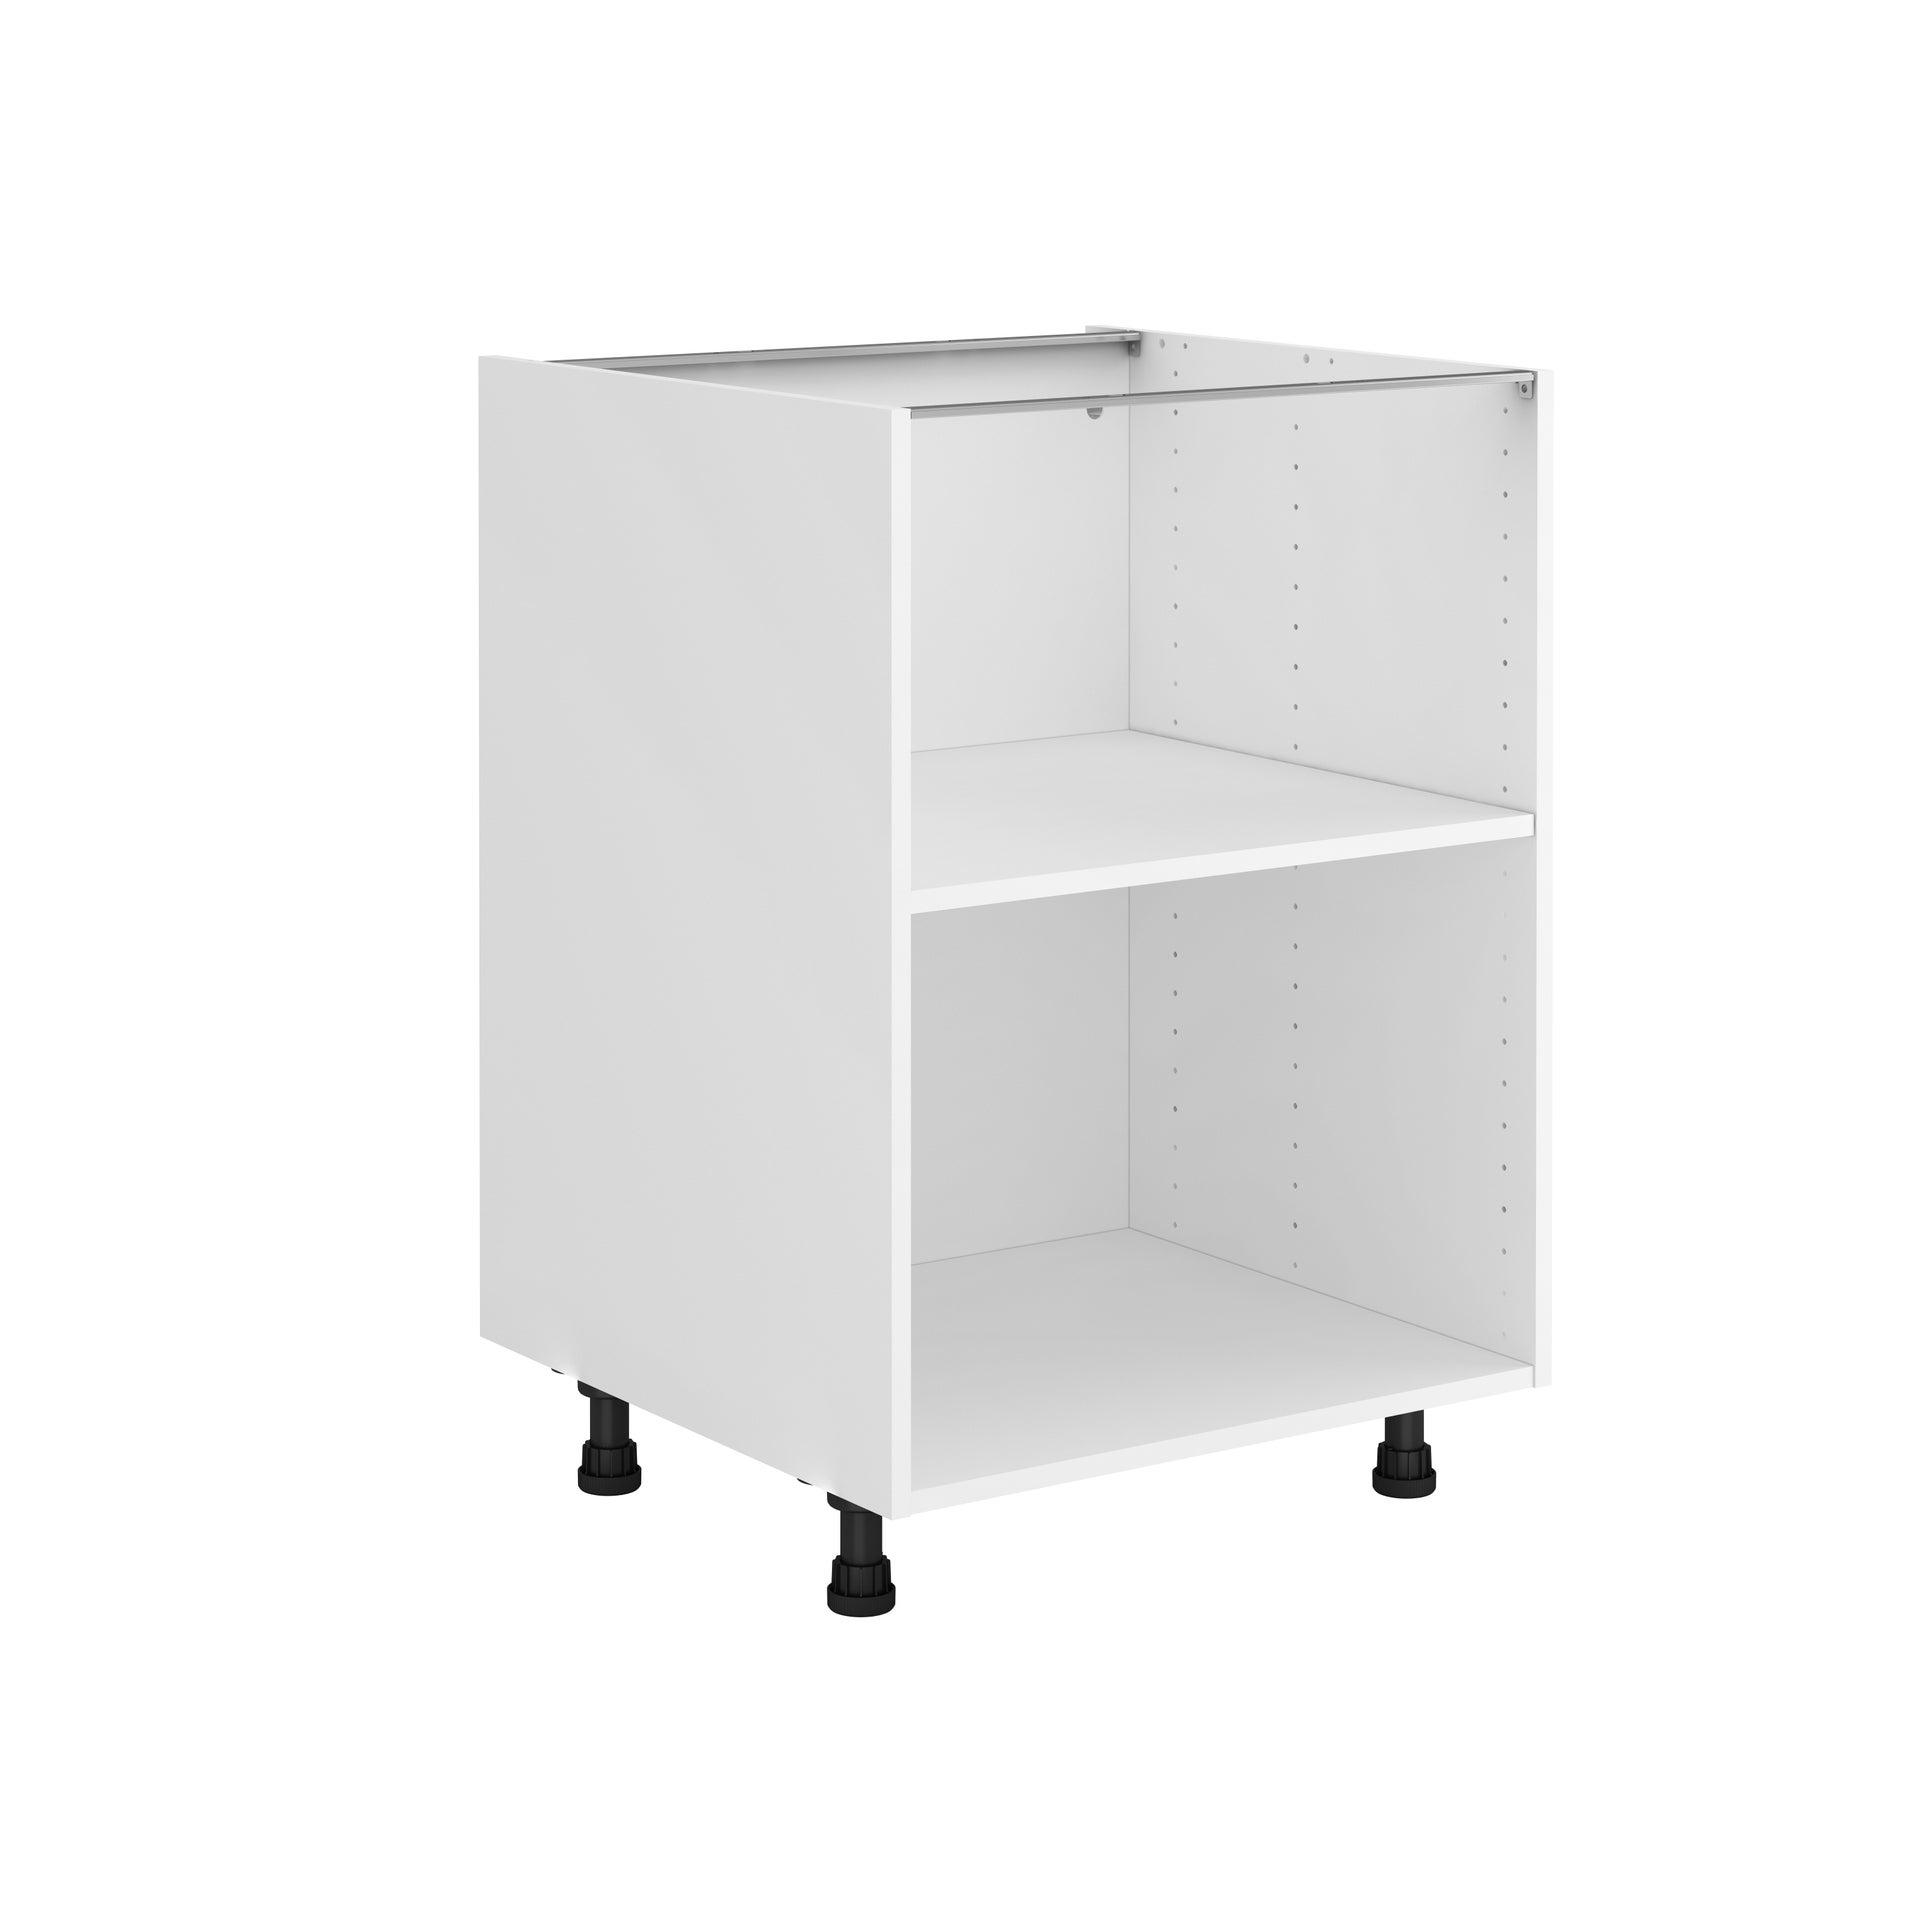 Caisson de cuisine bas DELINIA ID, blanc H.12.12 x l.12 x P.512 cm